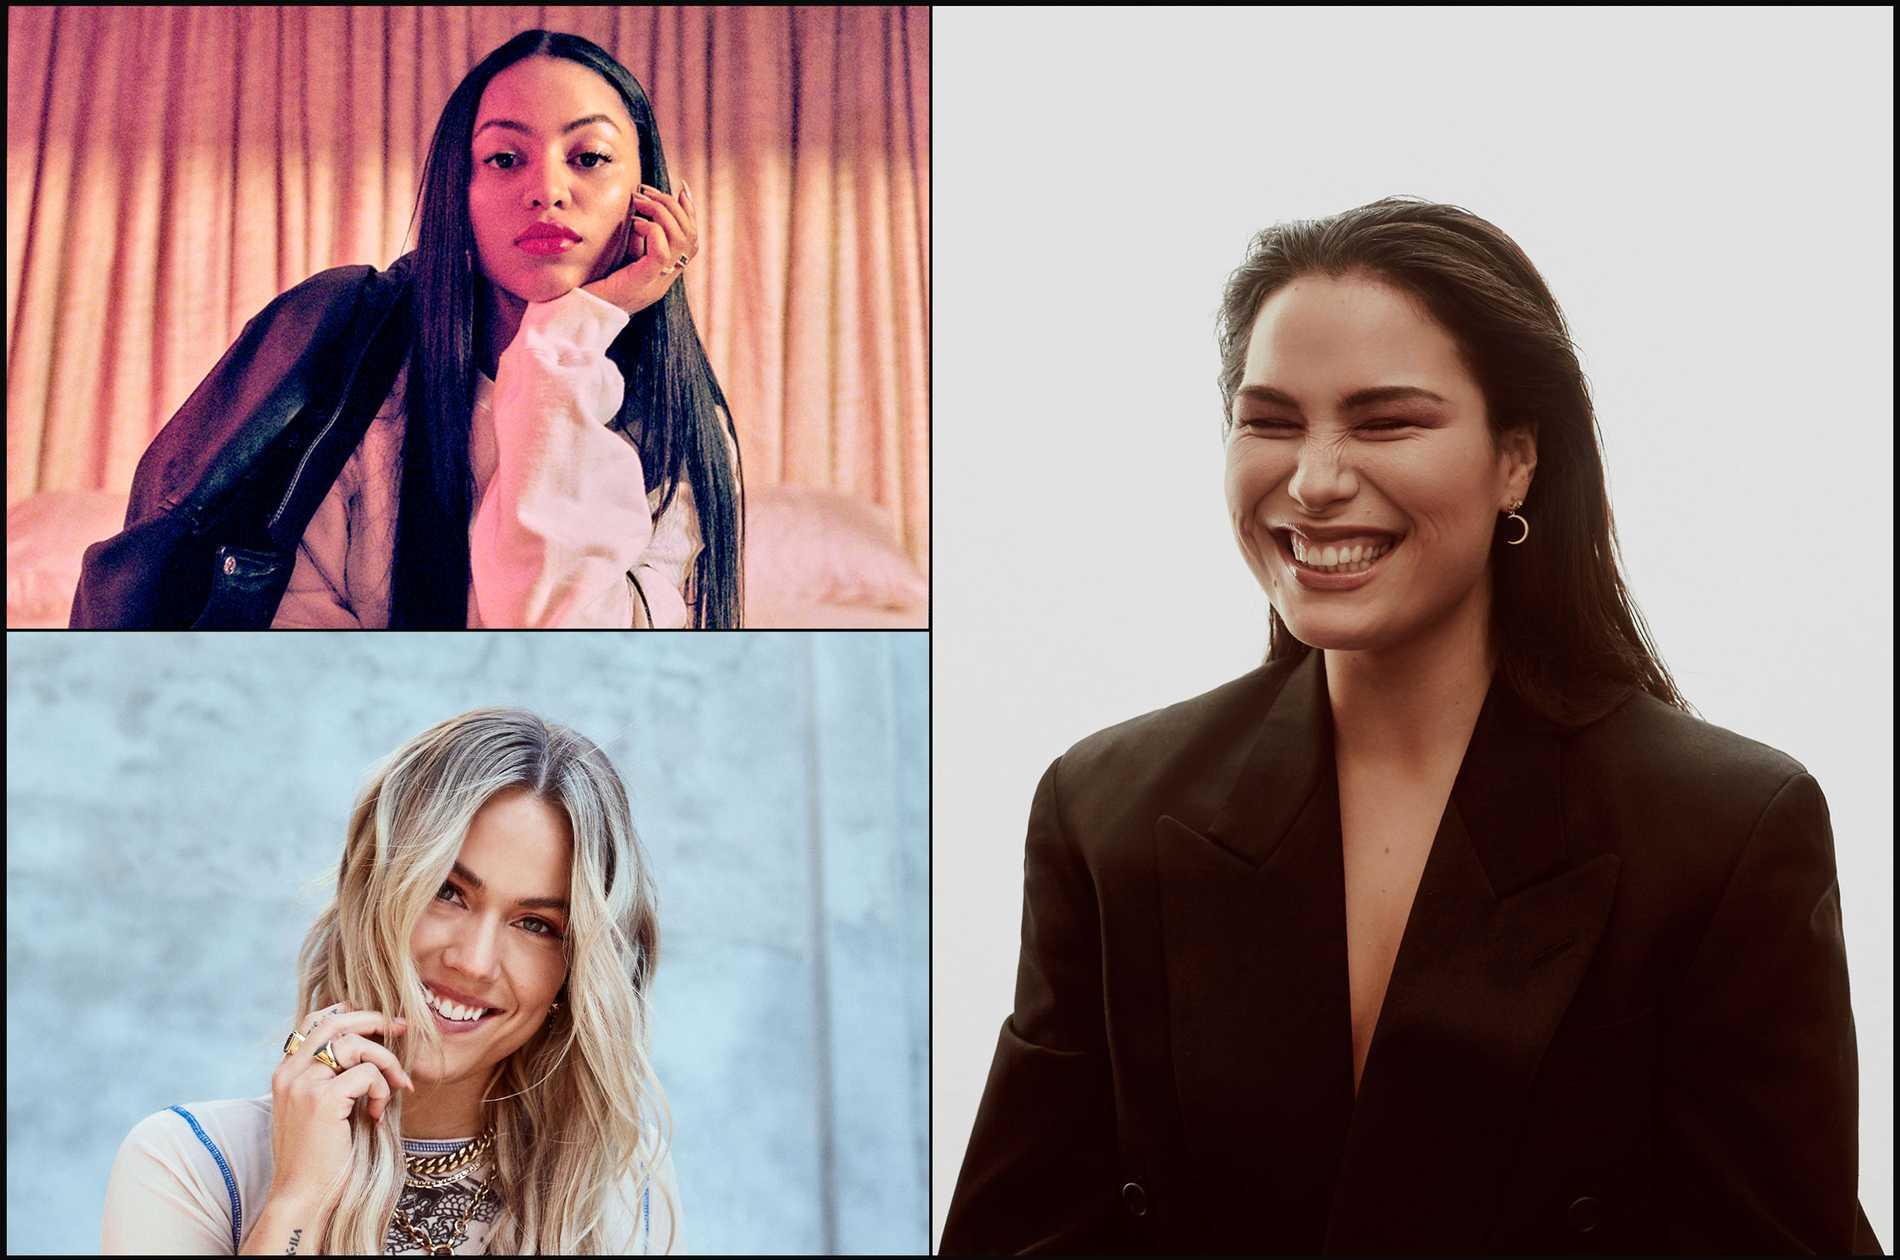 """Awa, Julie Bergan och Molly Hammar släpper låten """"Get to know me first"""" på Spotify."""